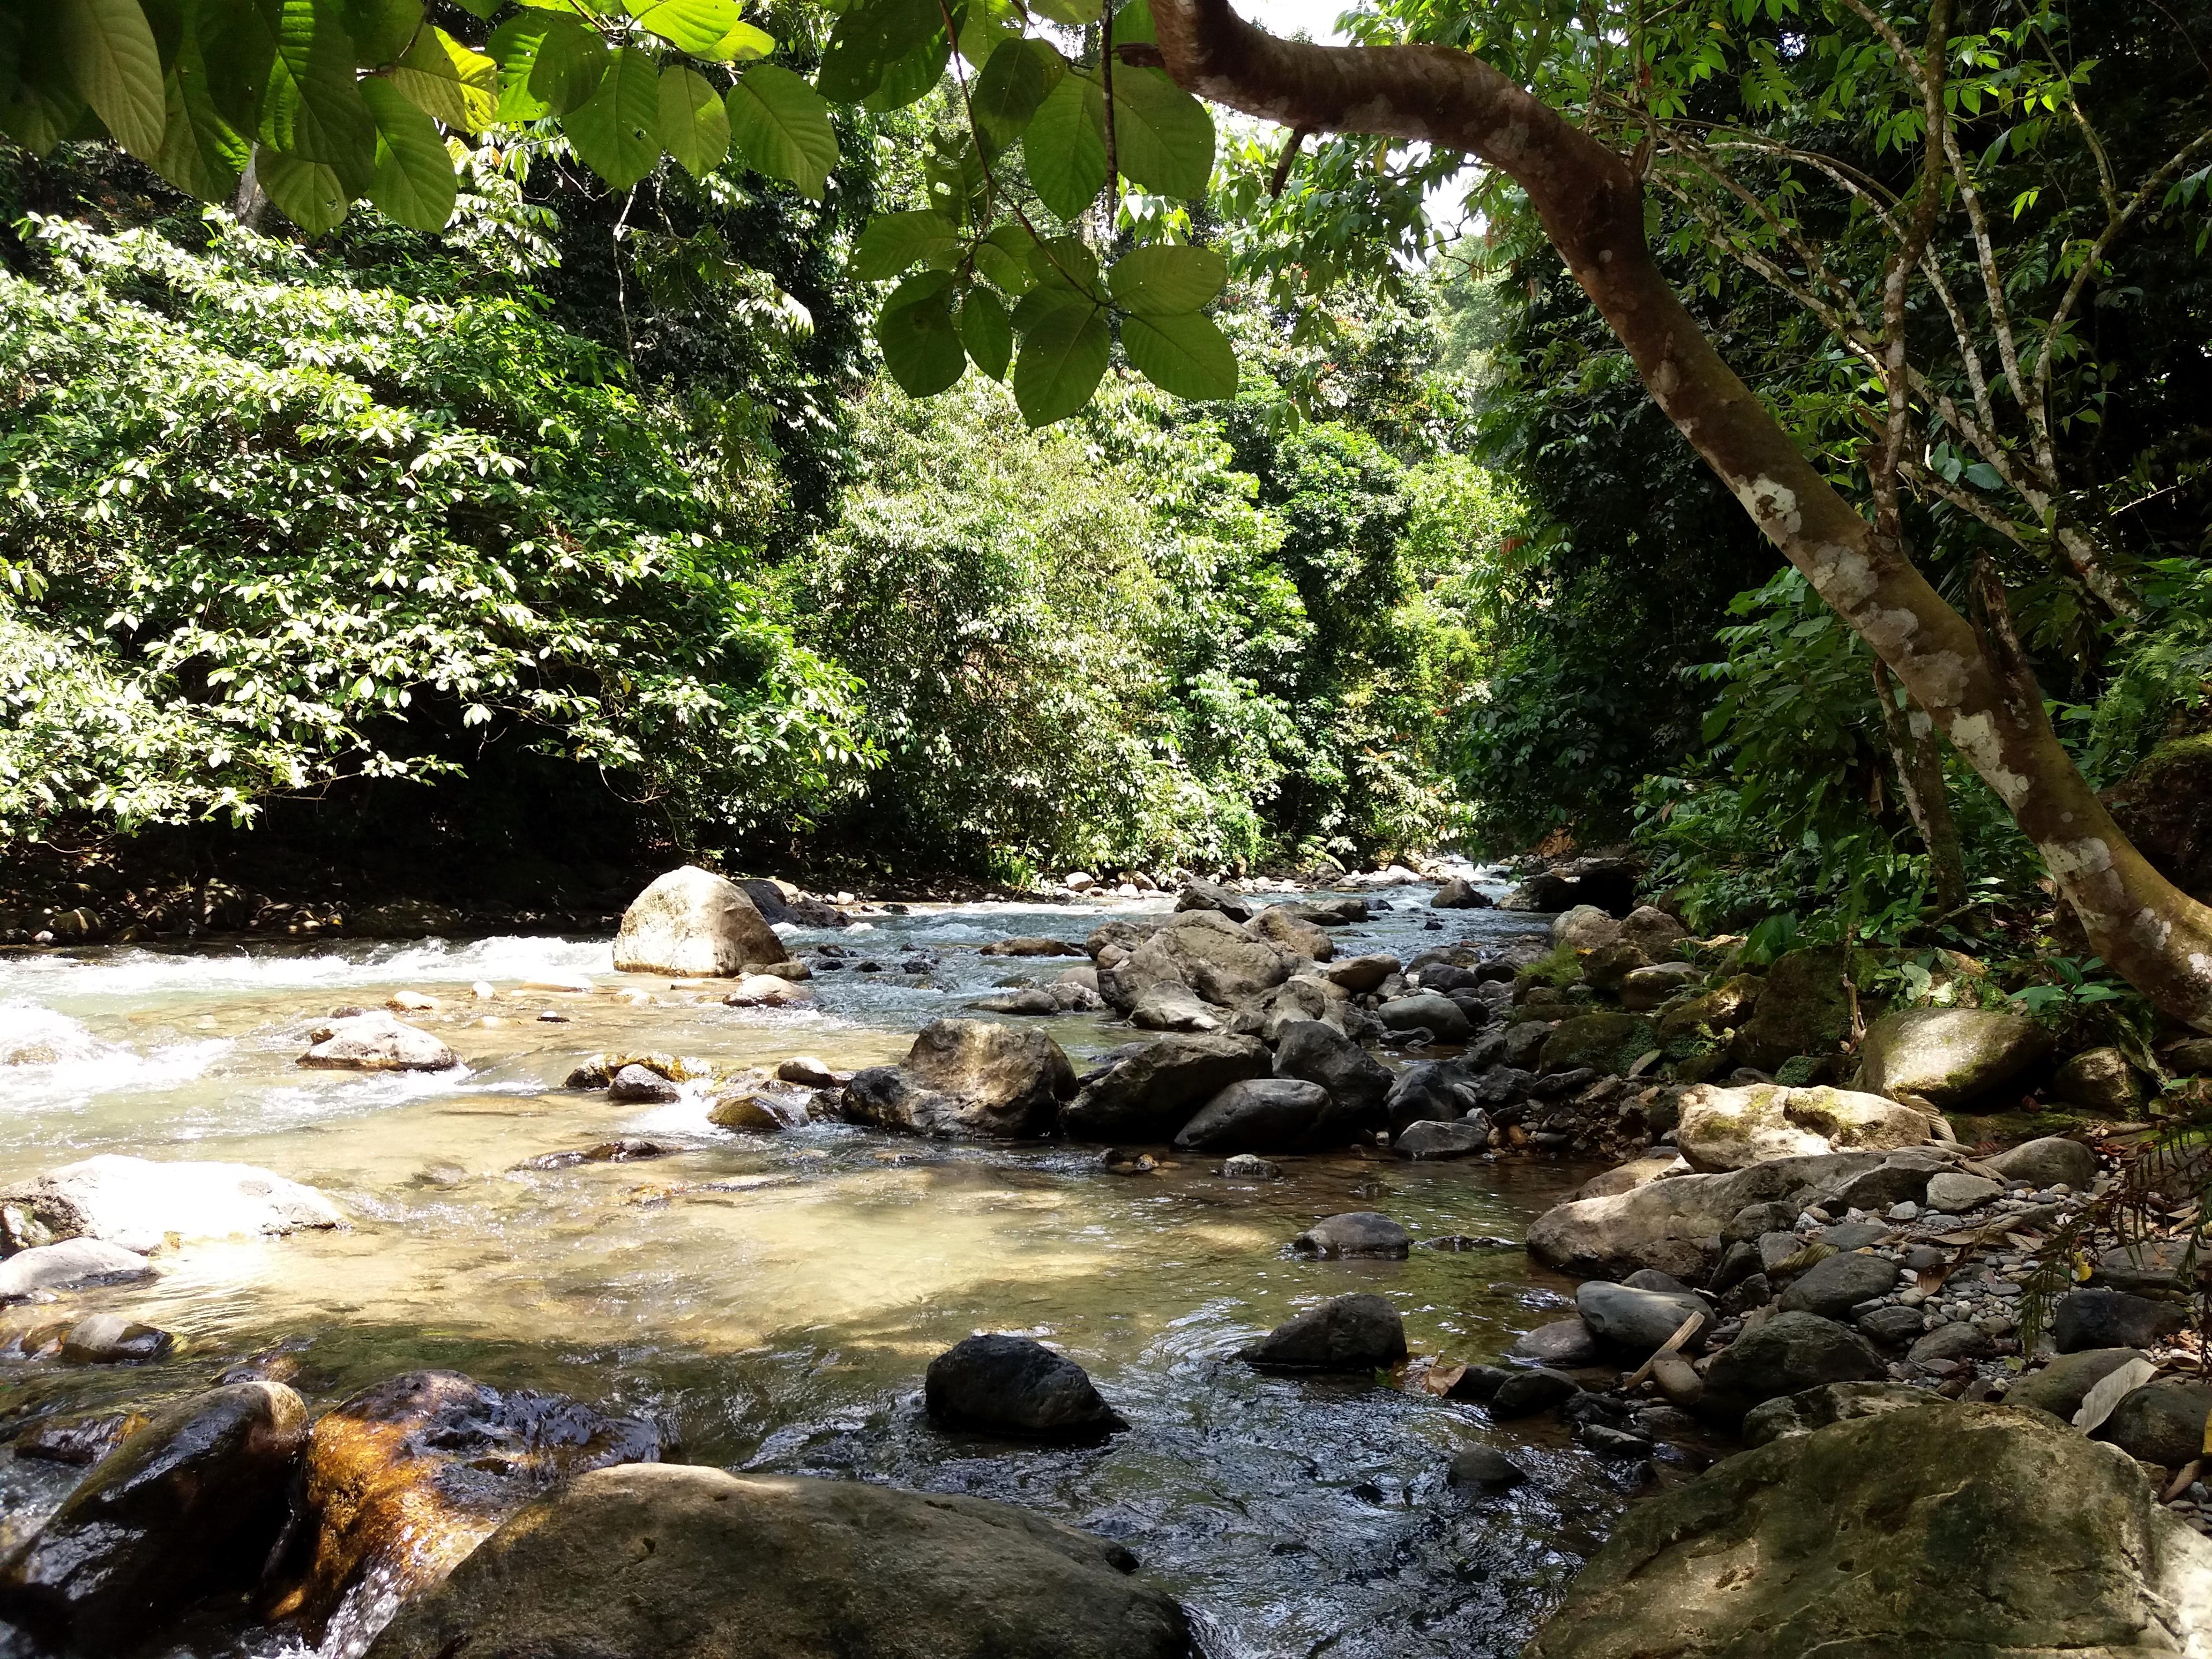 řeka v džungli